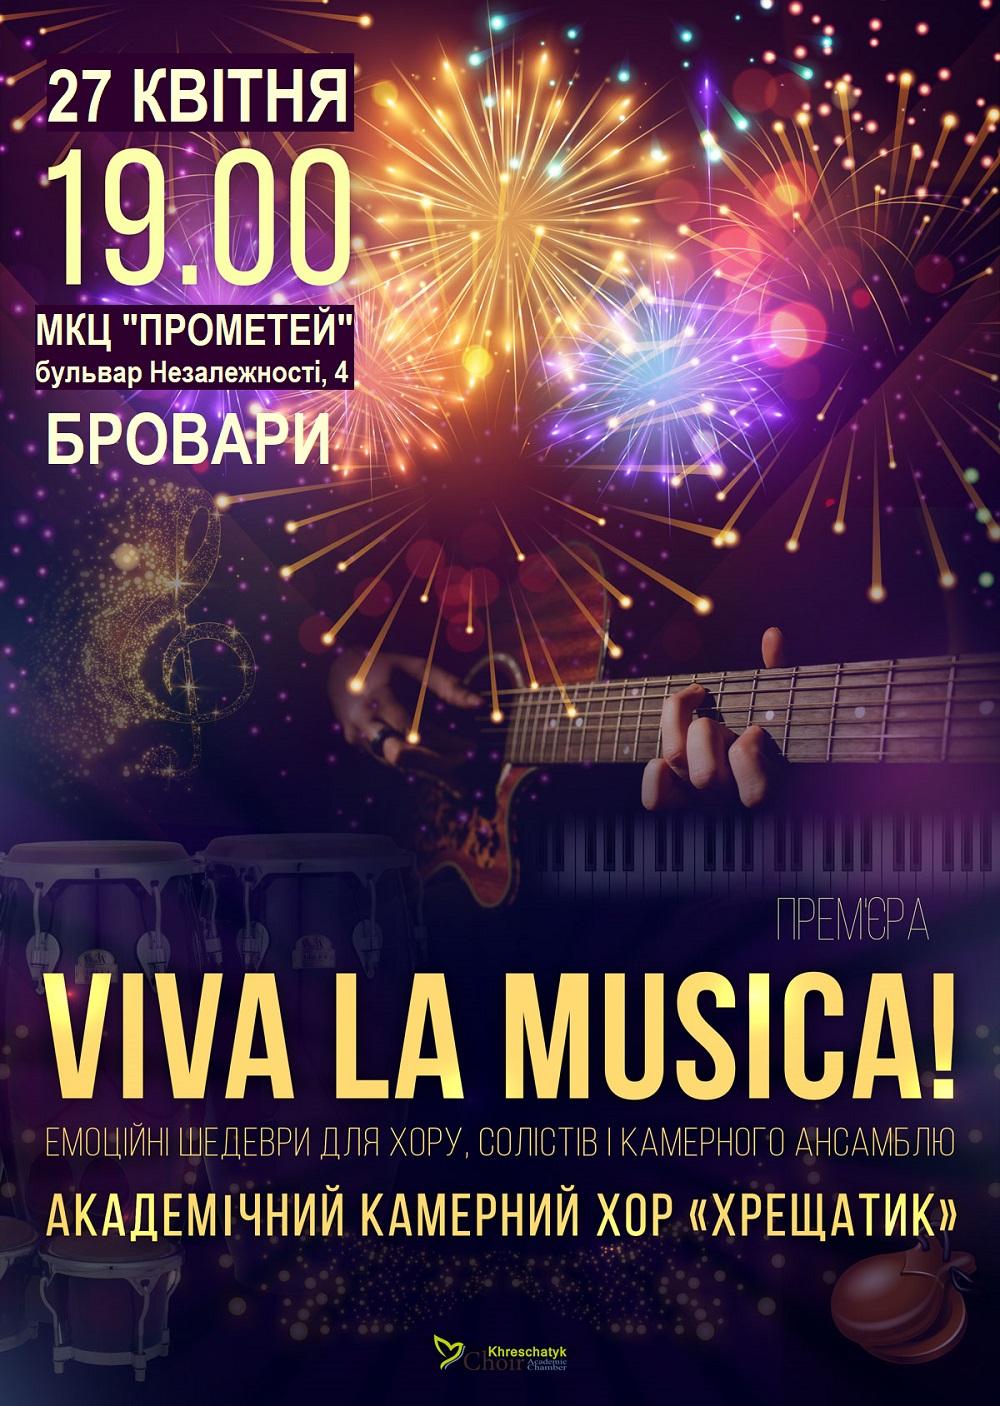 27/04/21 Viva La Musica!